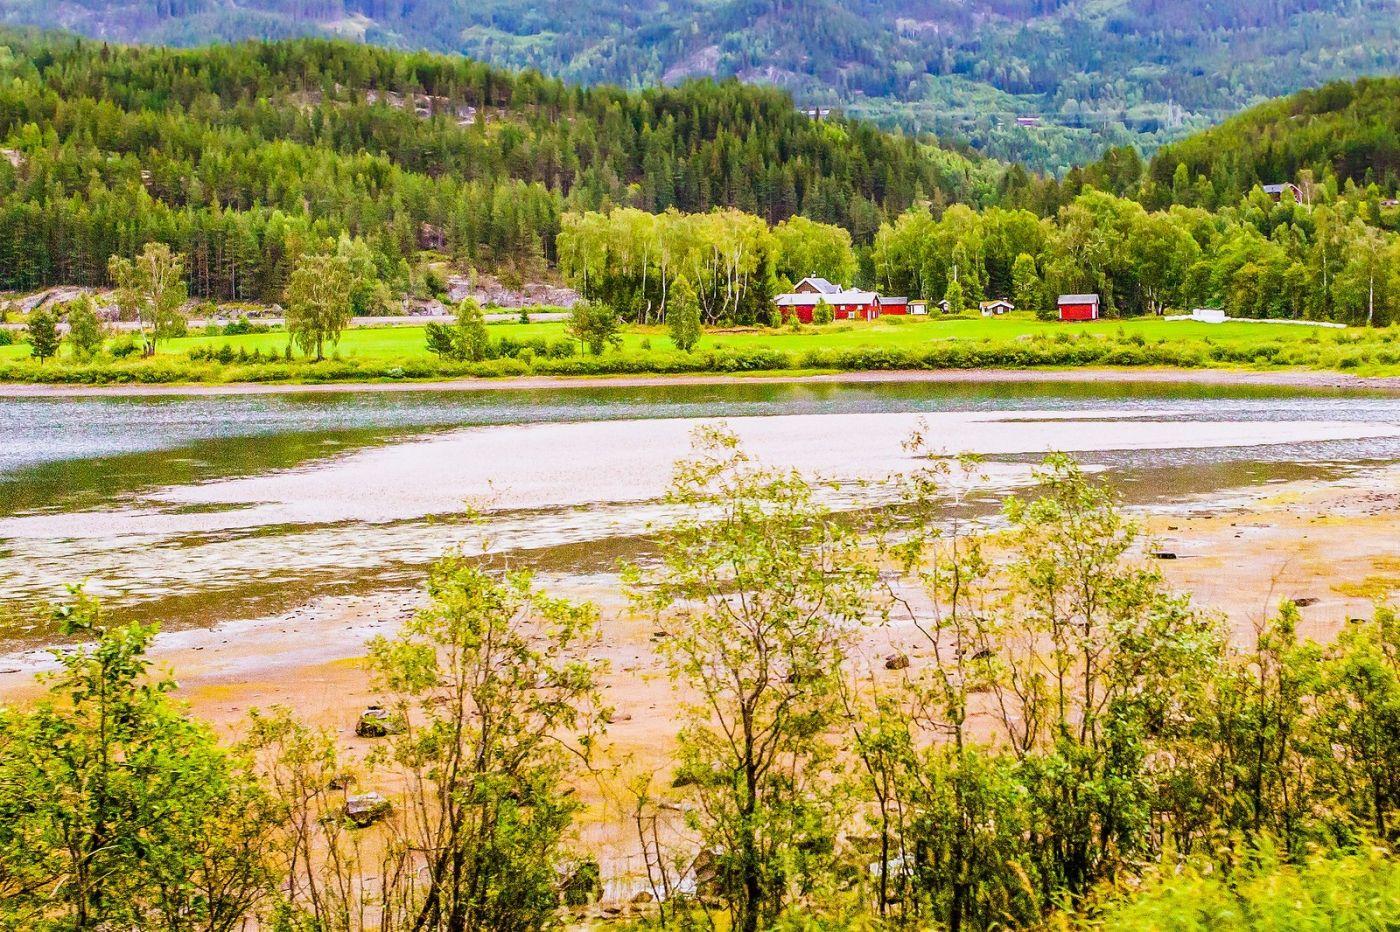 北欧风光,风景美如画_图1-16